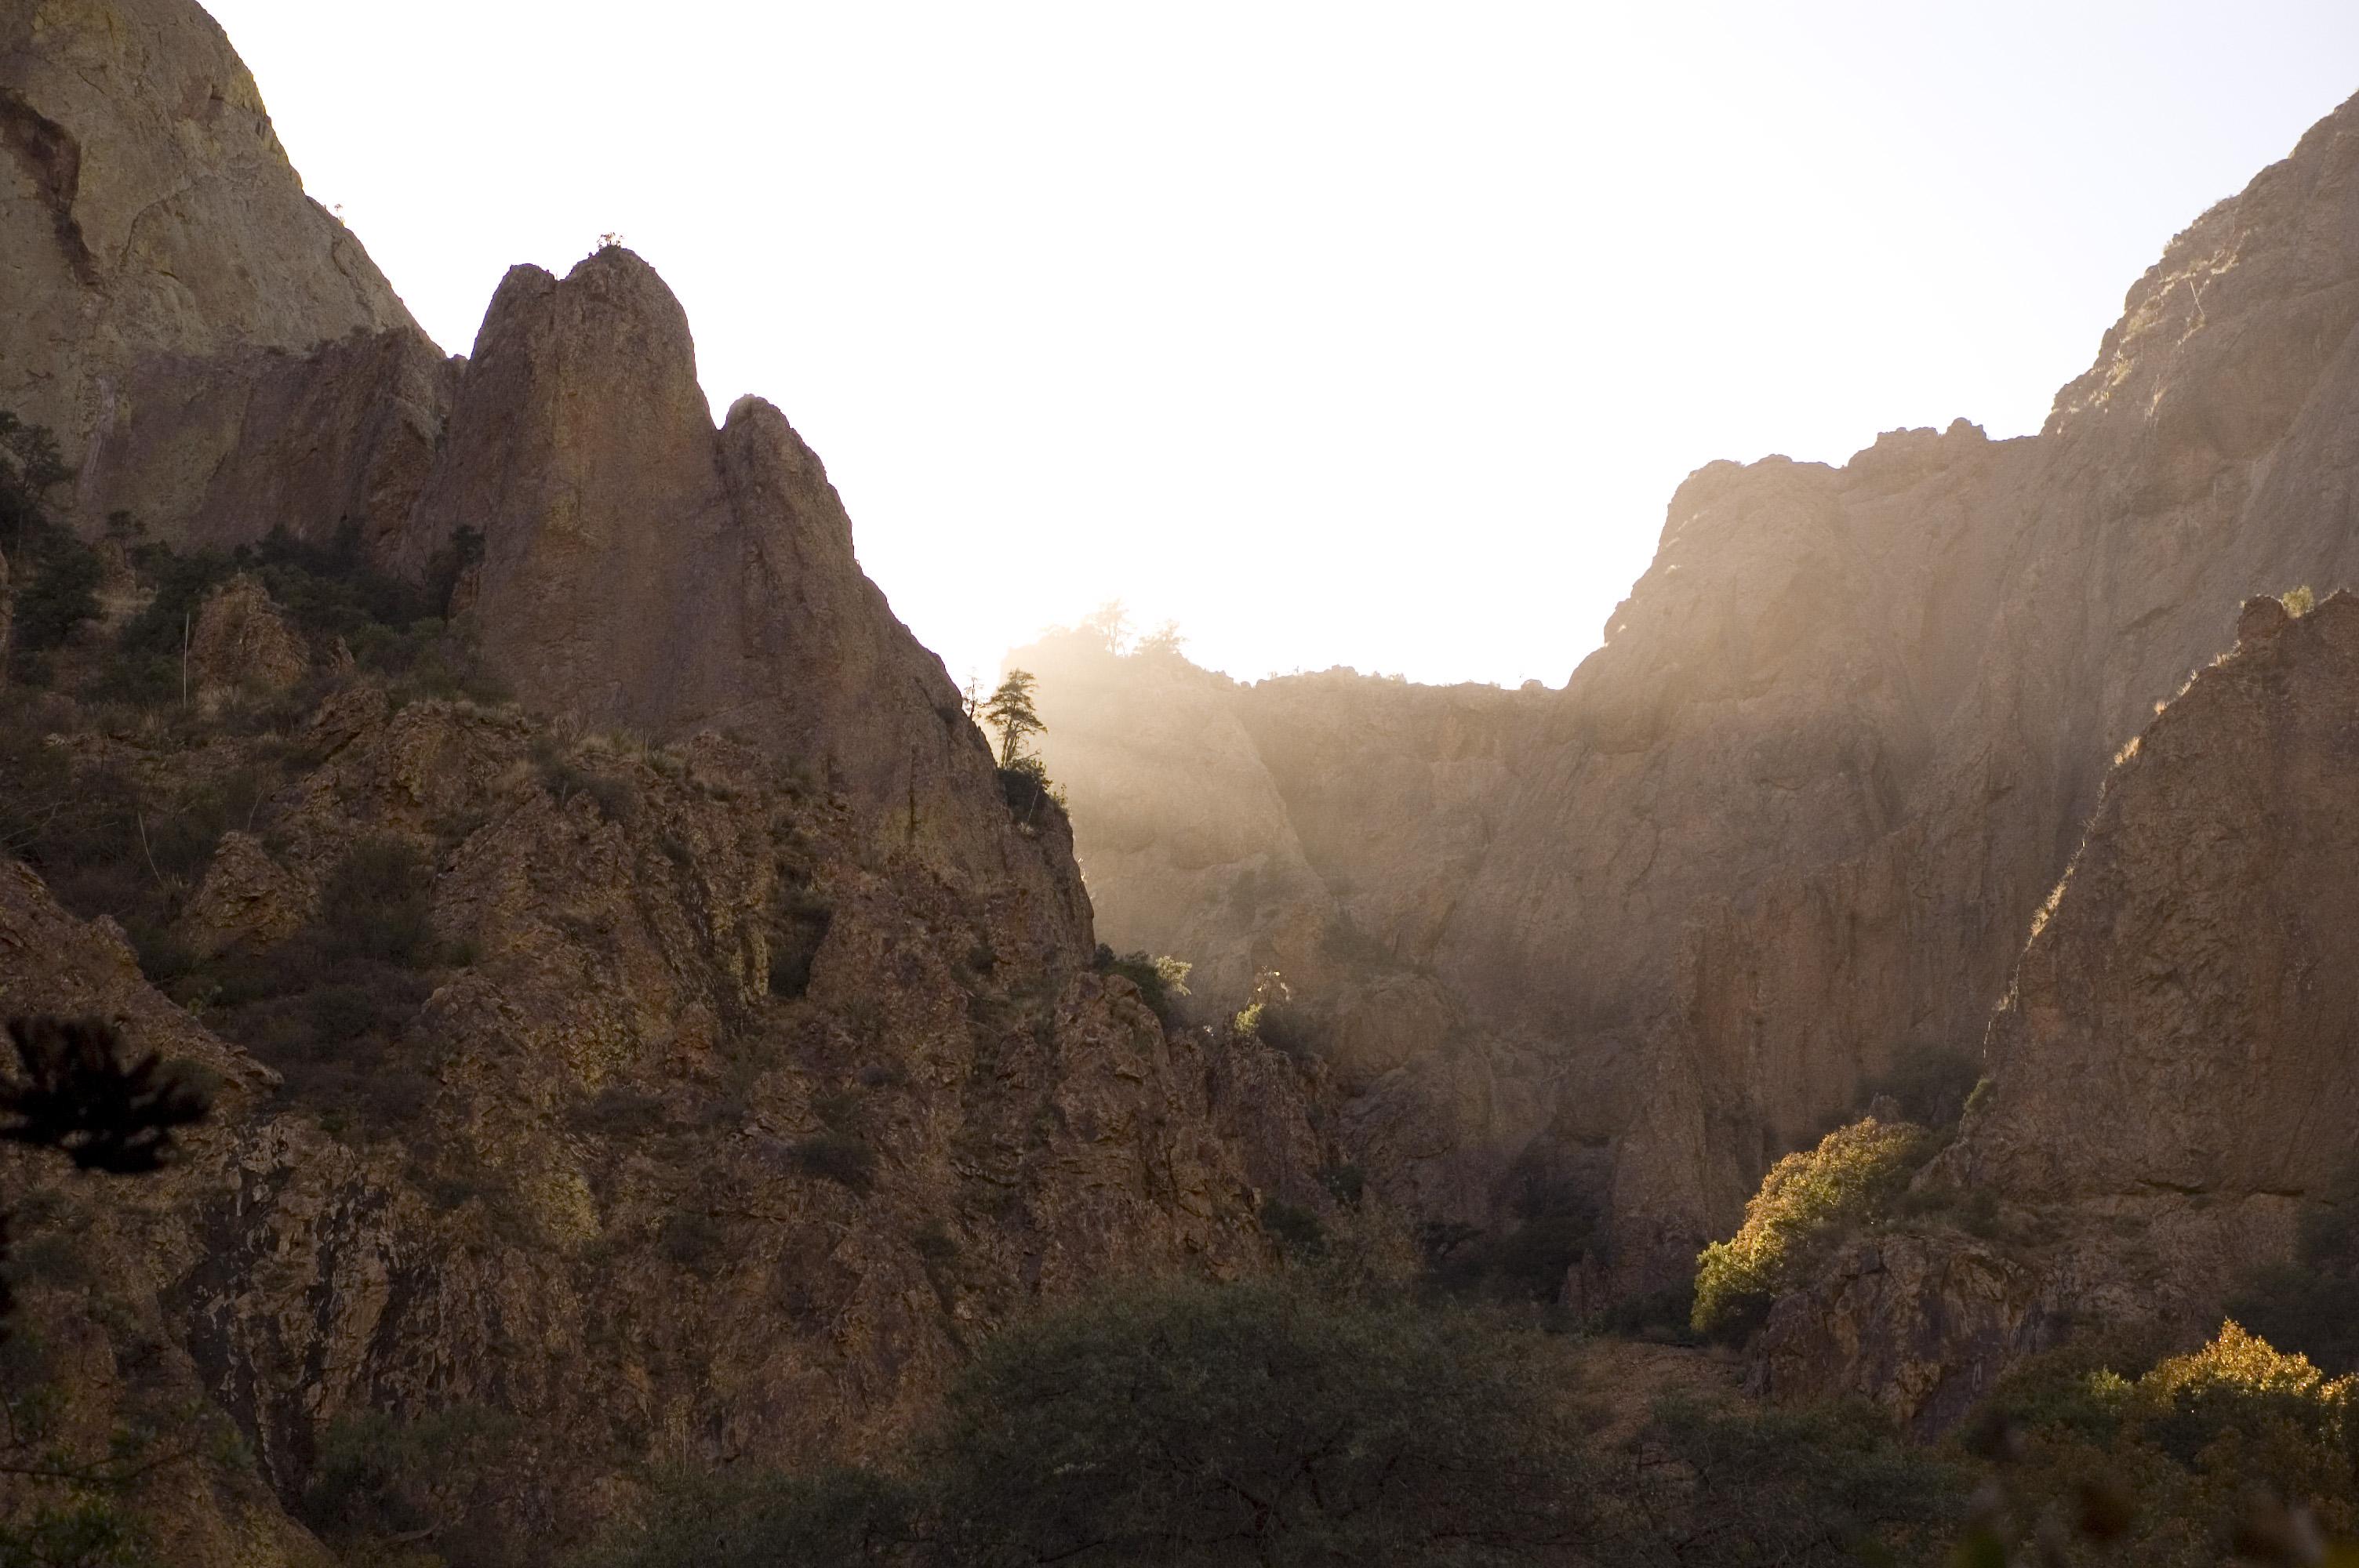 Dias_Landscape_2009_2_BBNP